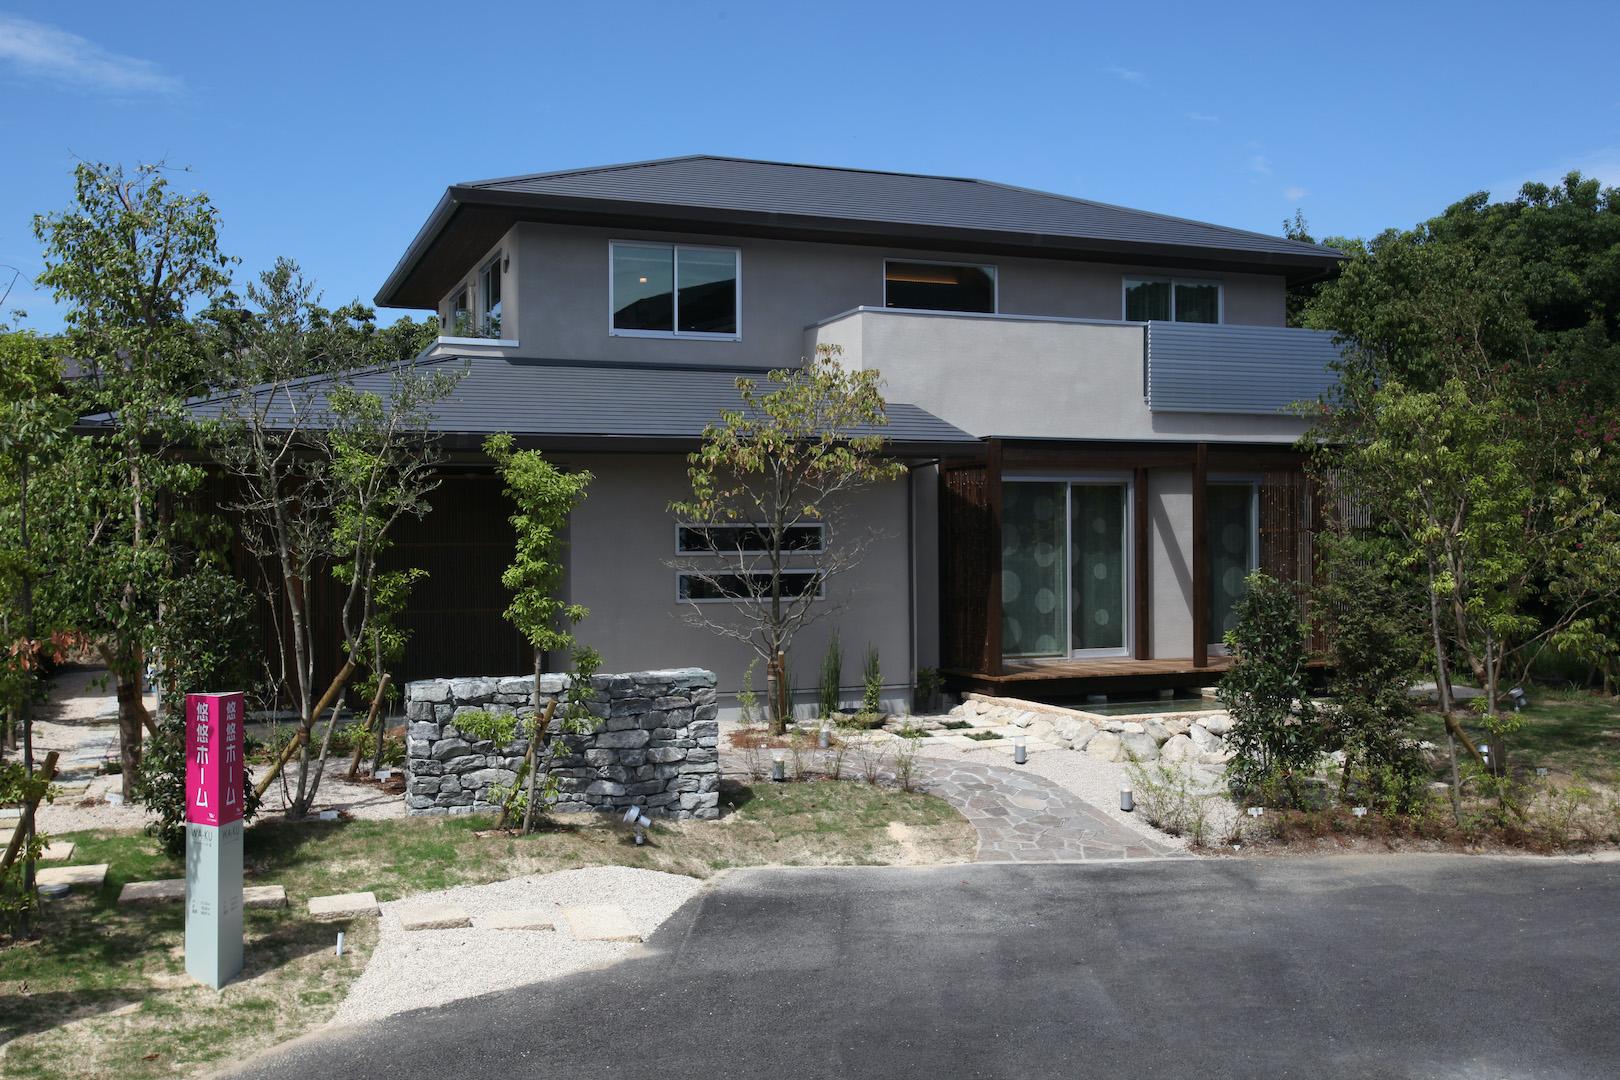 永続的なデザインと性能の高さで、大切な家族のための家になる